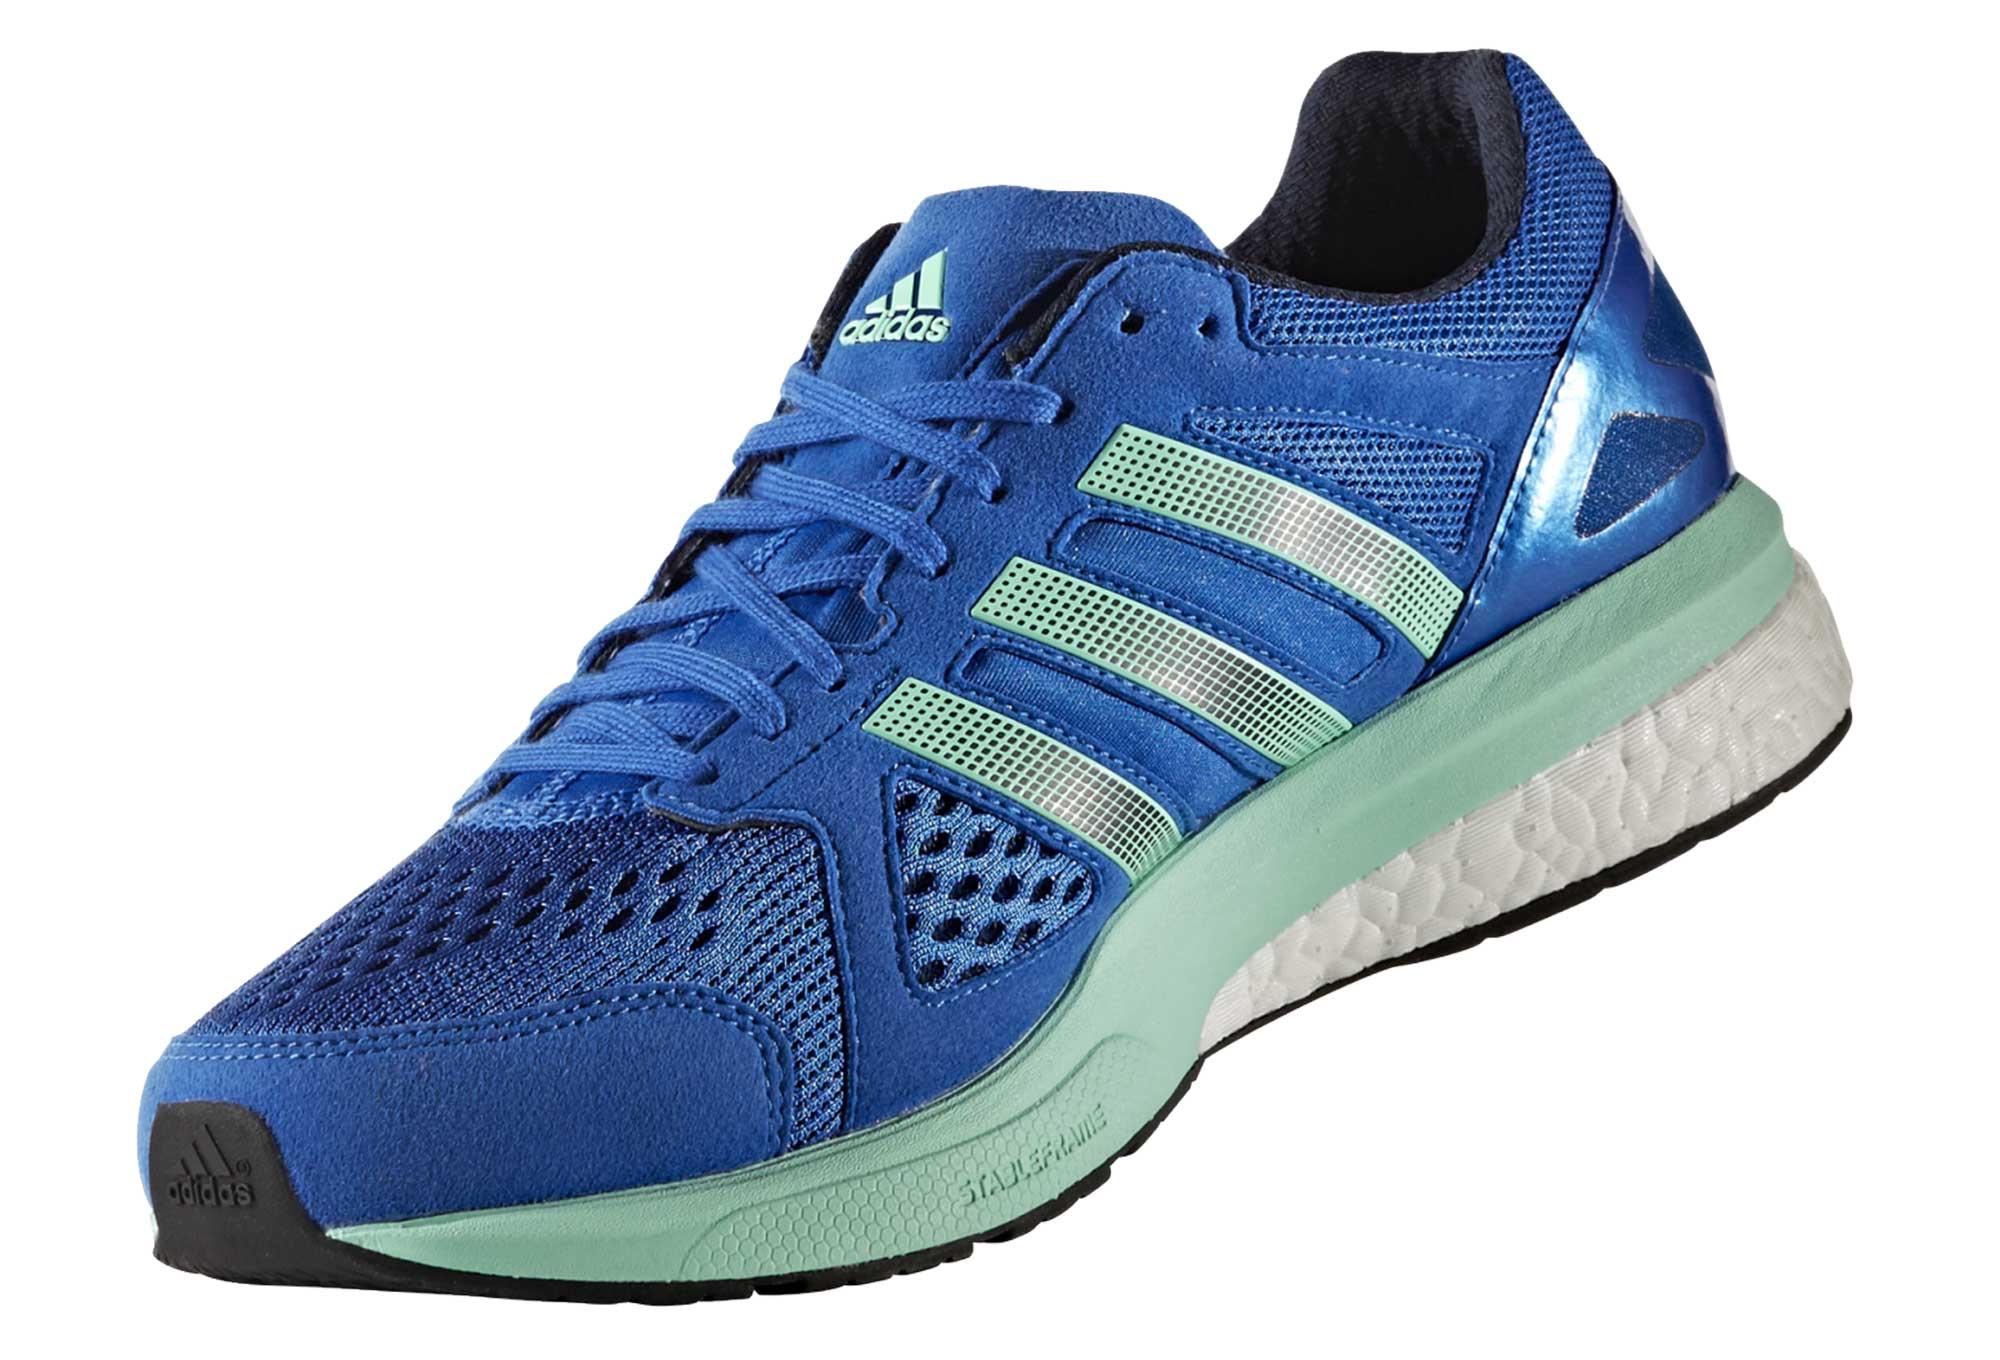 Chaussures de Running adidas running Adizero Tempo 8 Bleu Vert